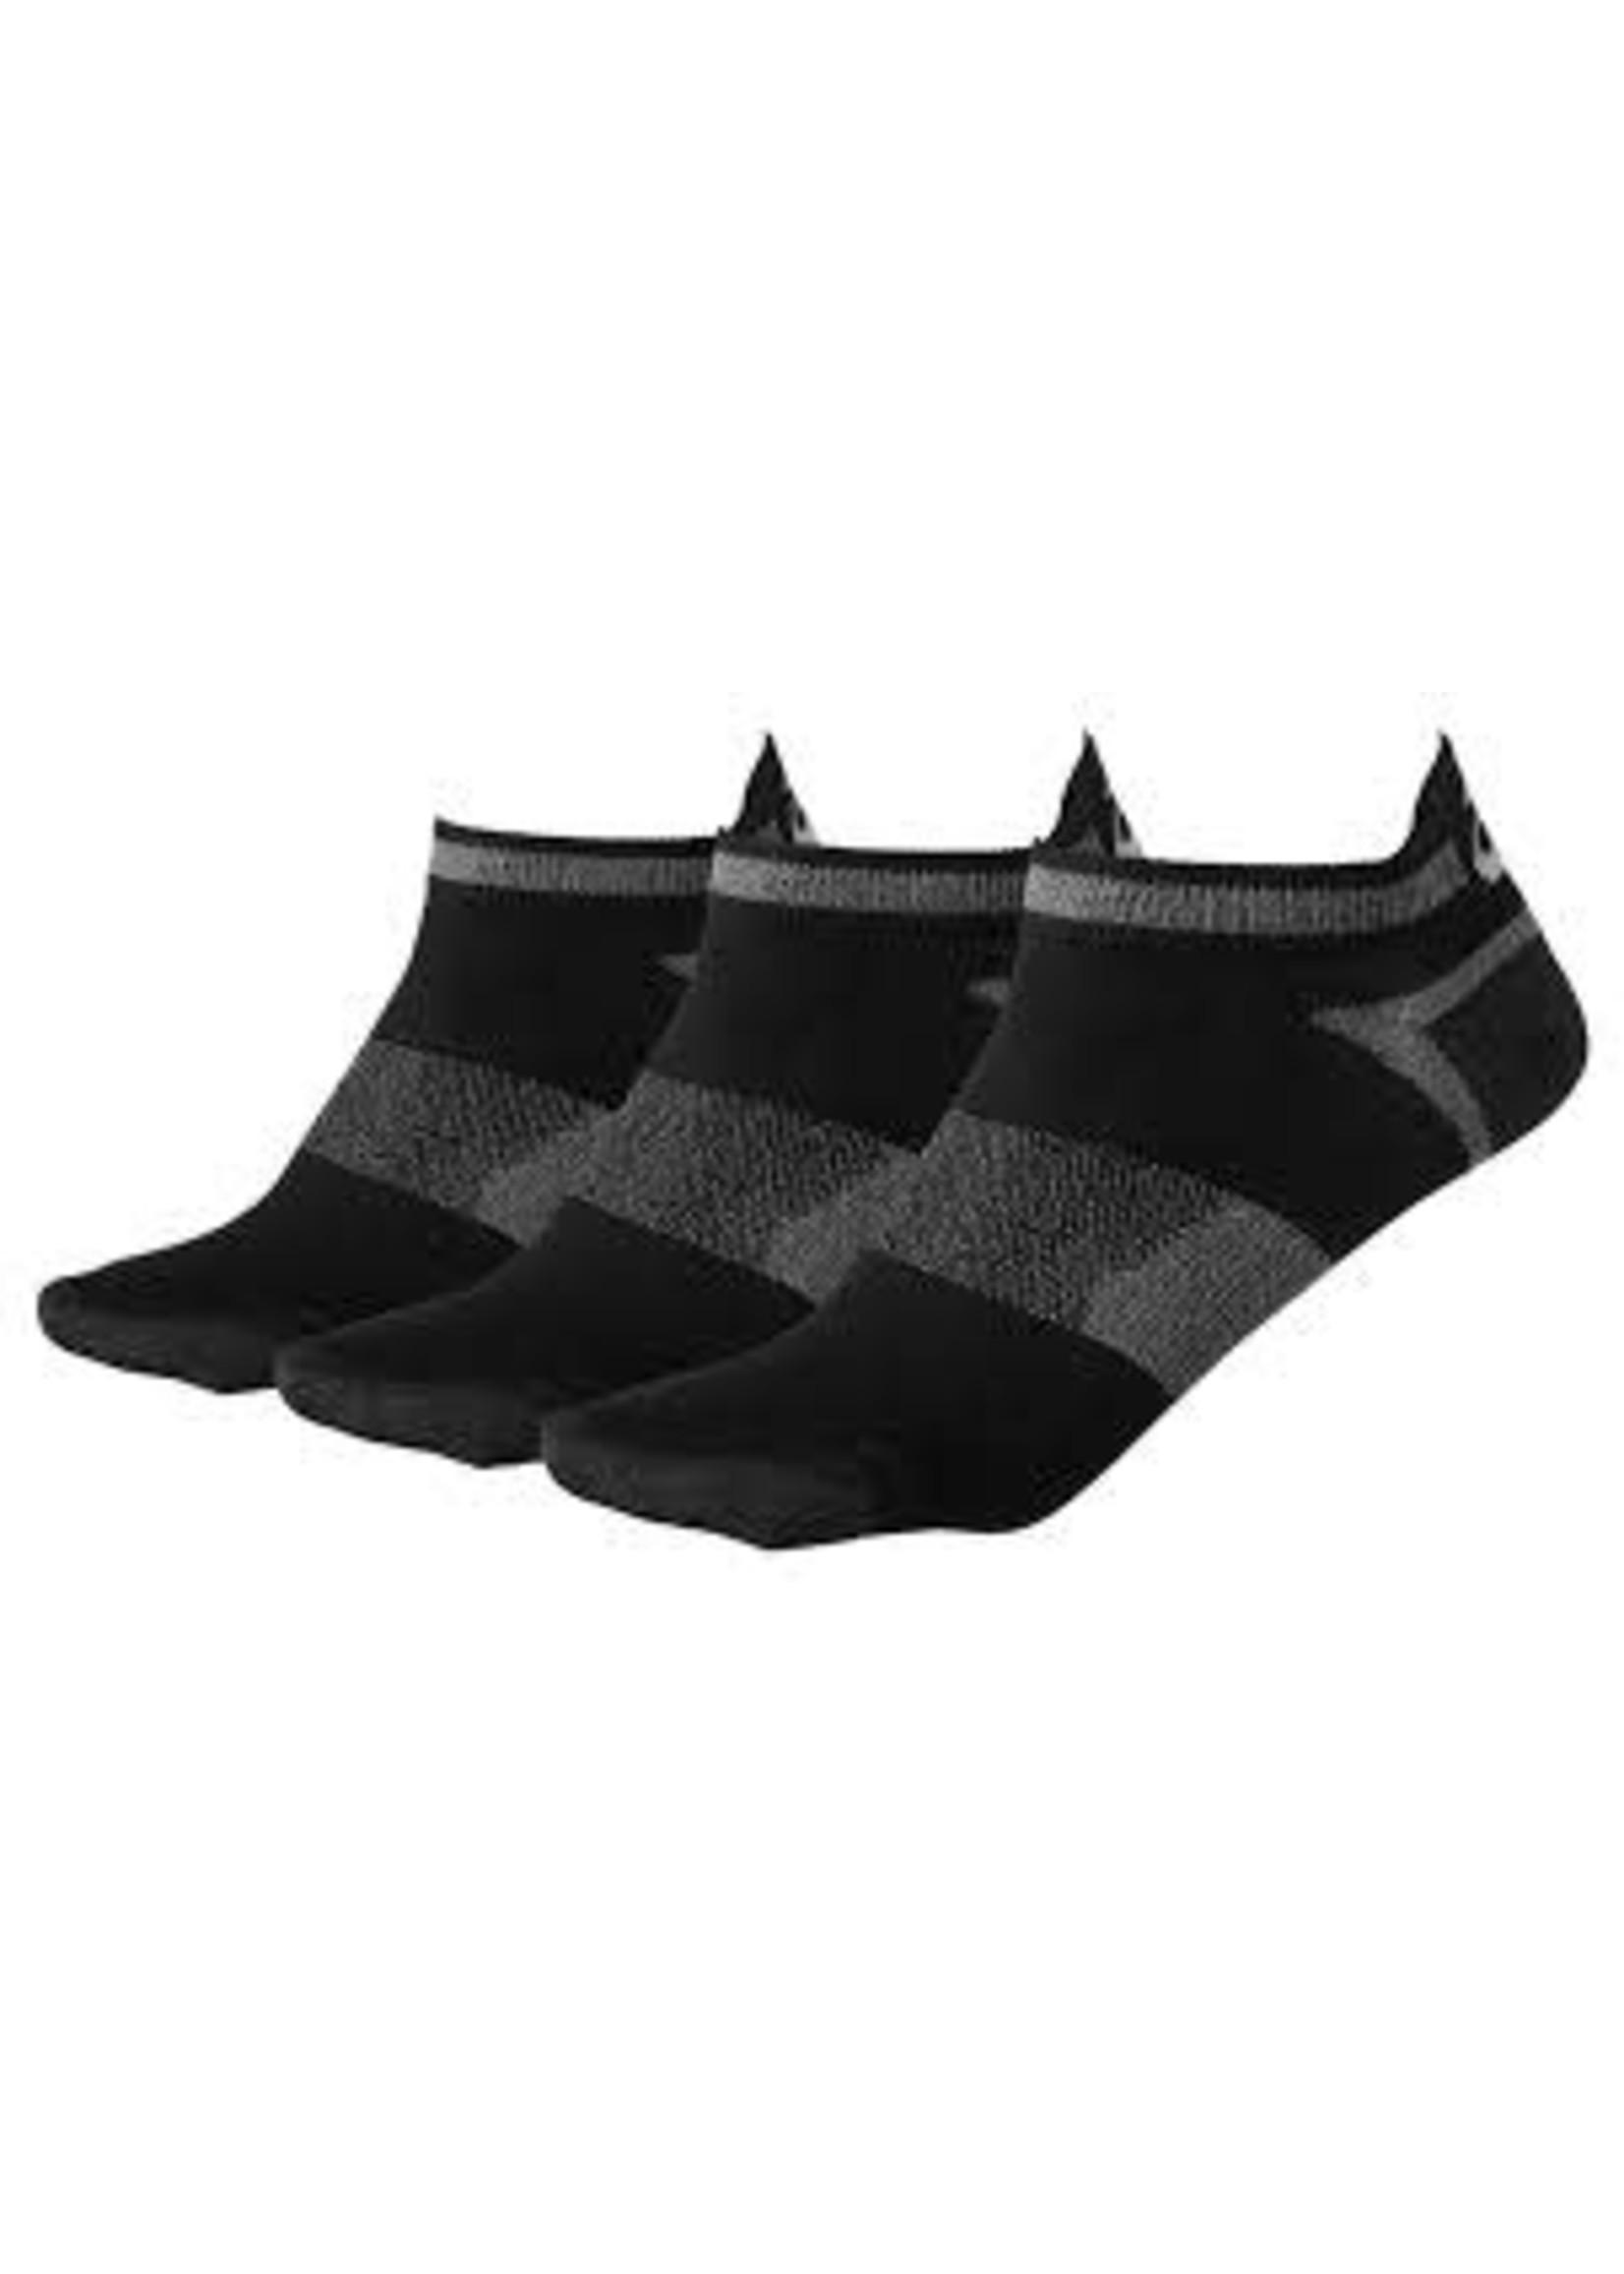 Asics Asics Training Lyte Ped 3pack Socks